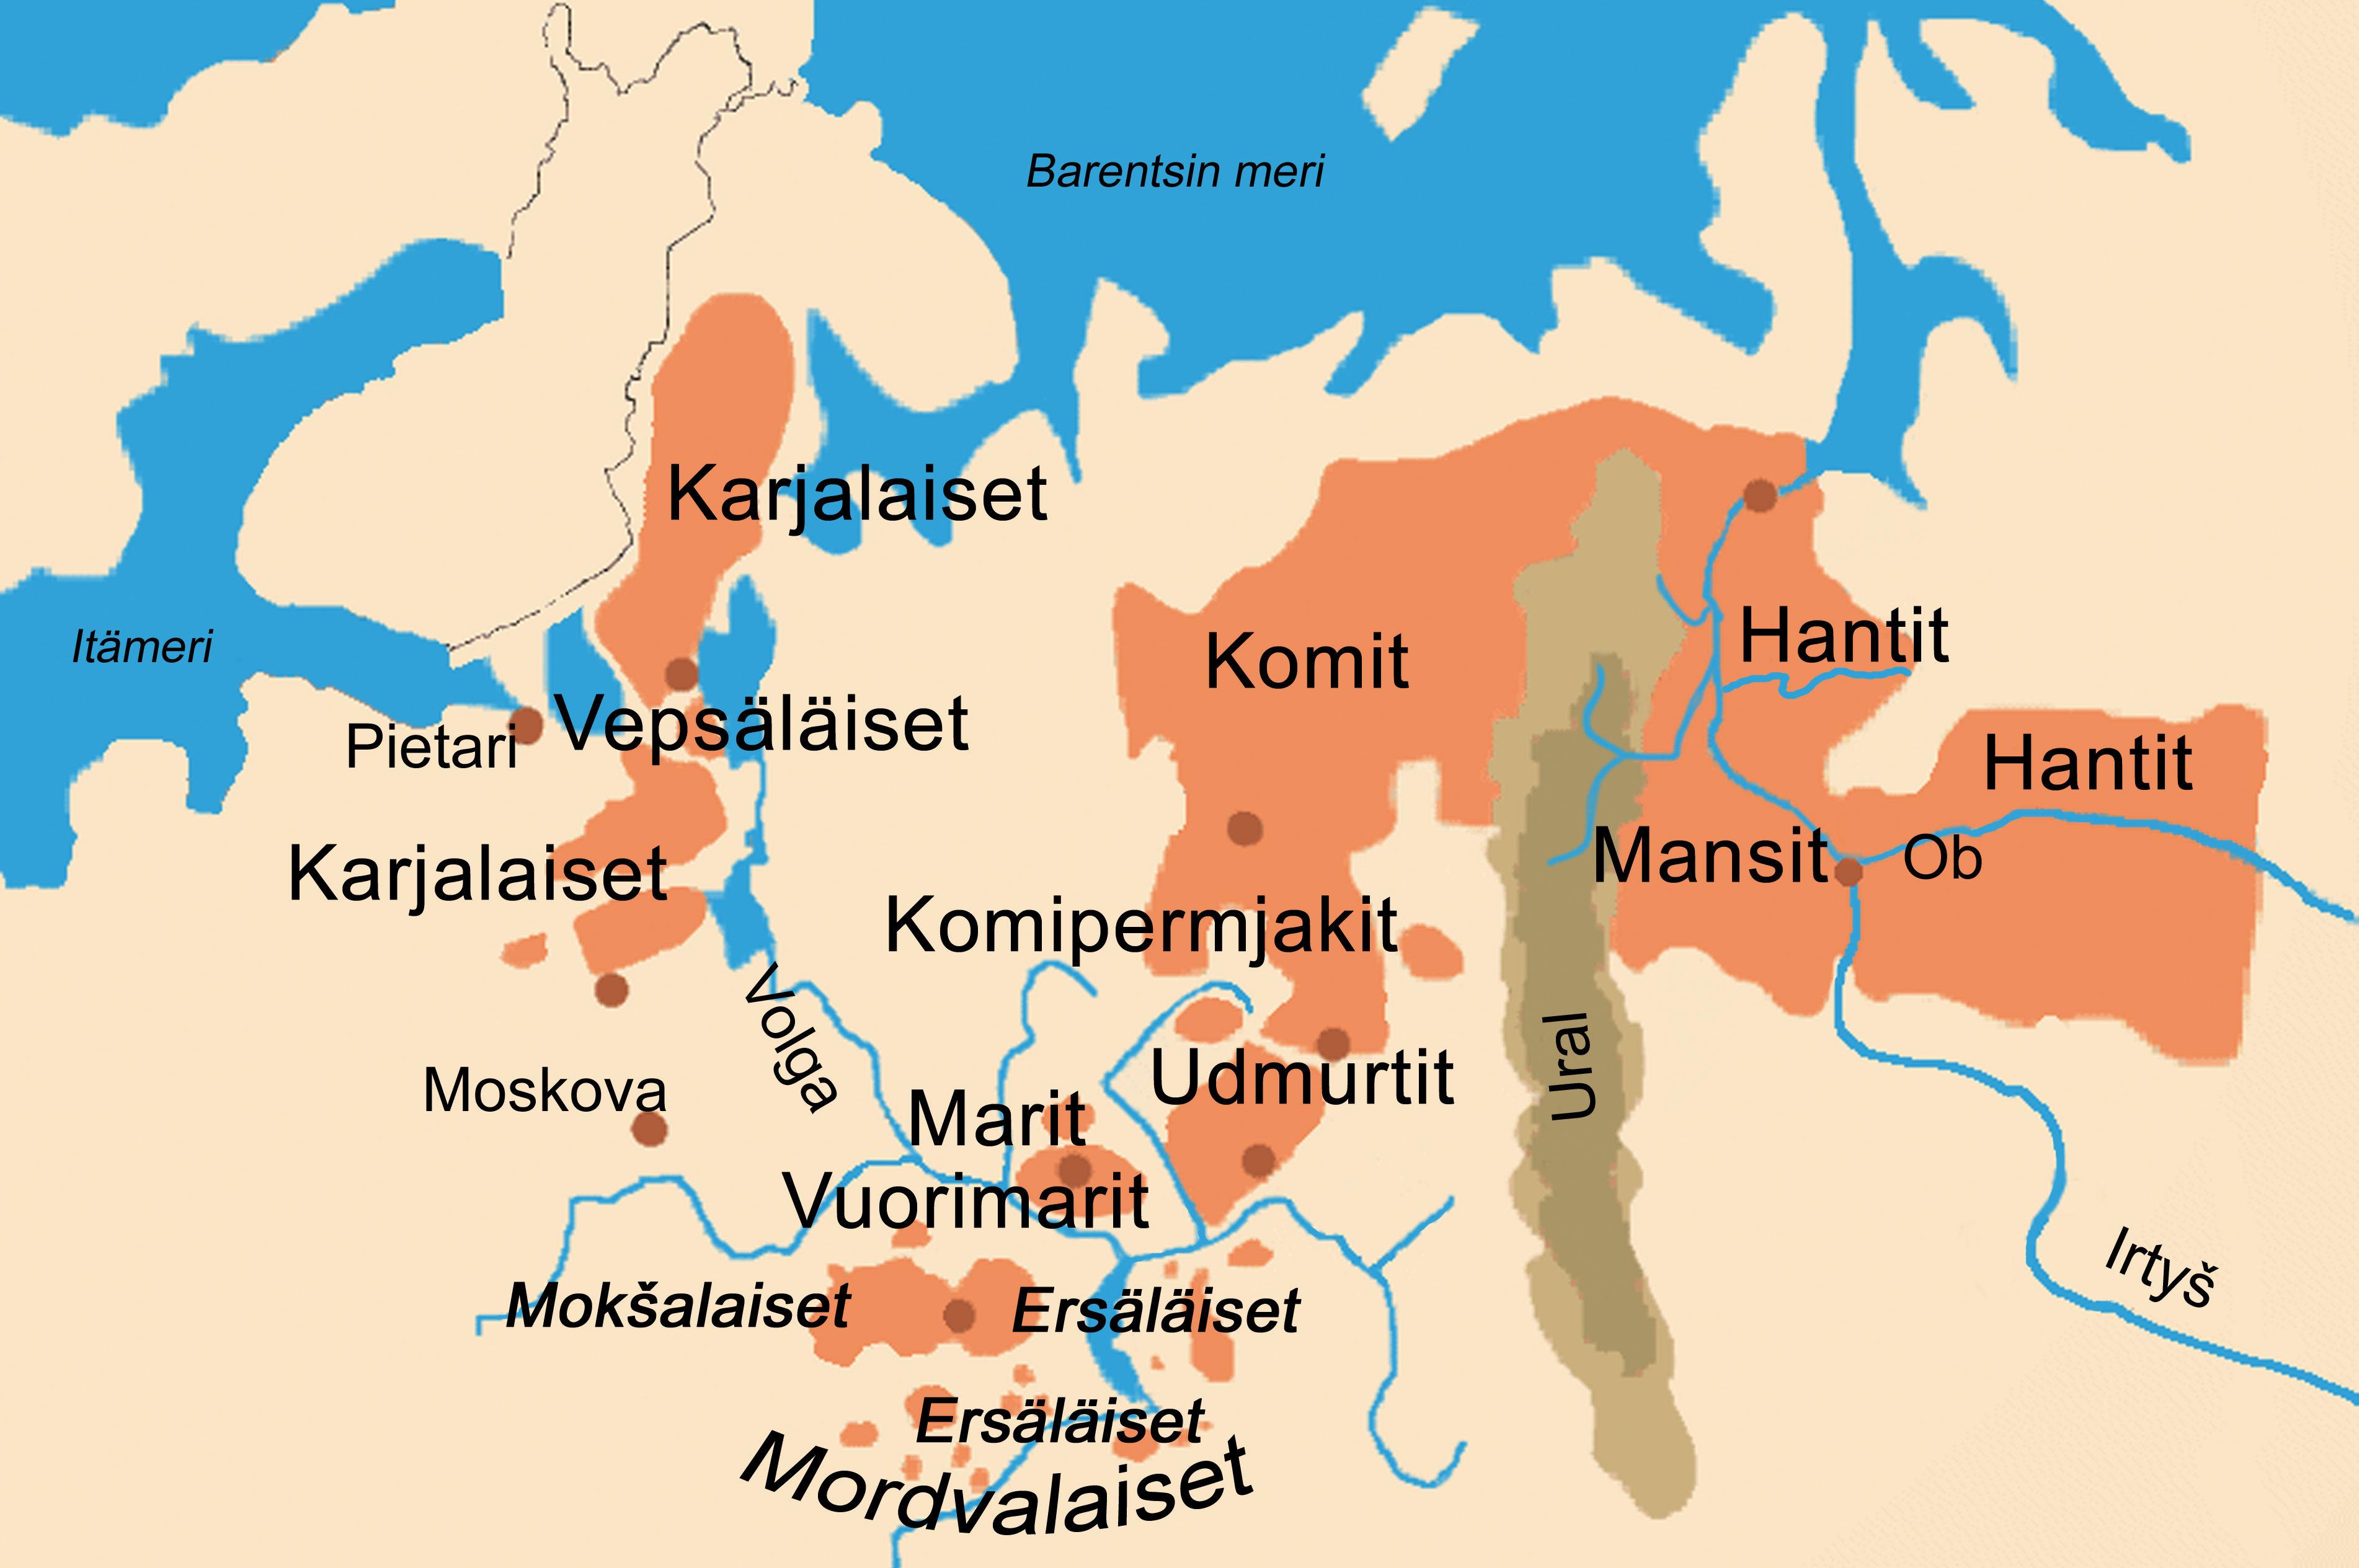 Kartalla on merkitty alueet, joilla Suomen sukukieliä puhutaan.